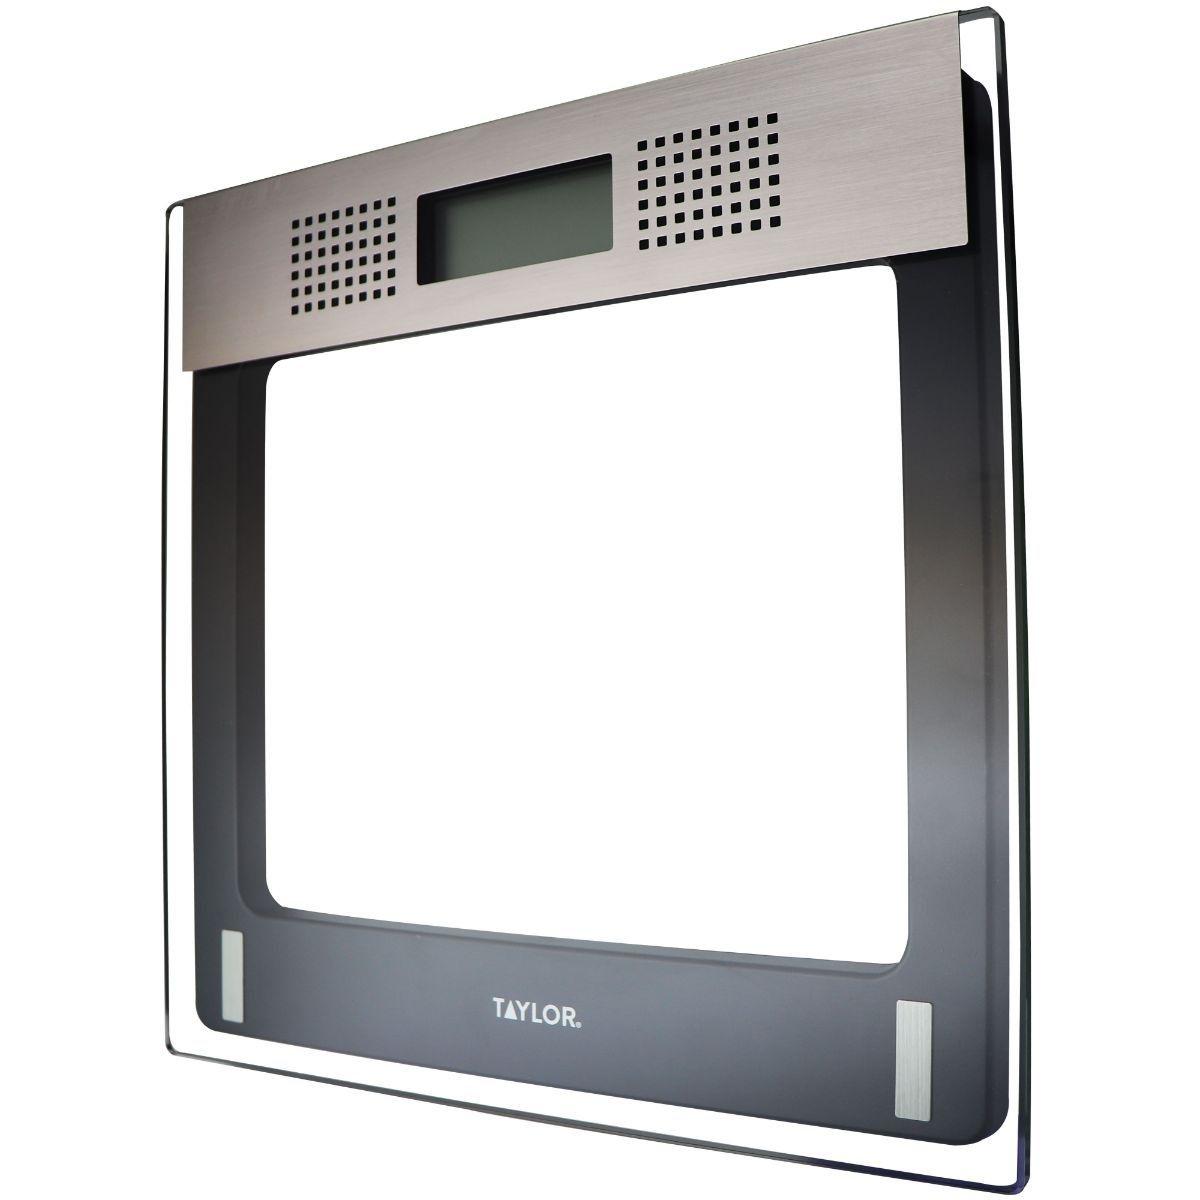 Taylor Digital Talking Bathroom Scale - Black (70844091M)